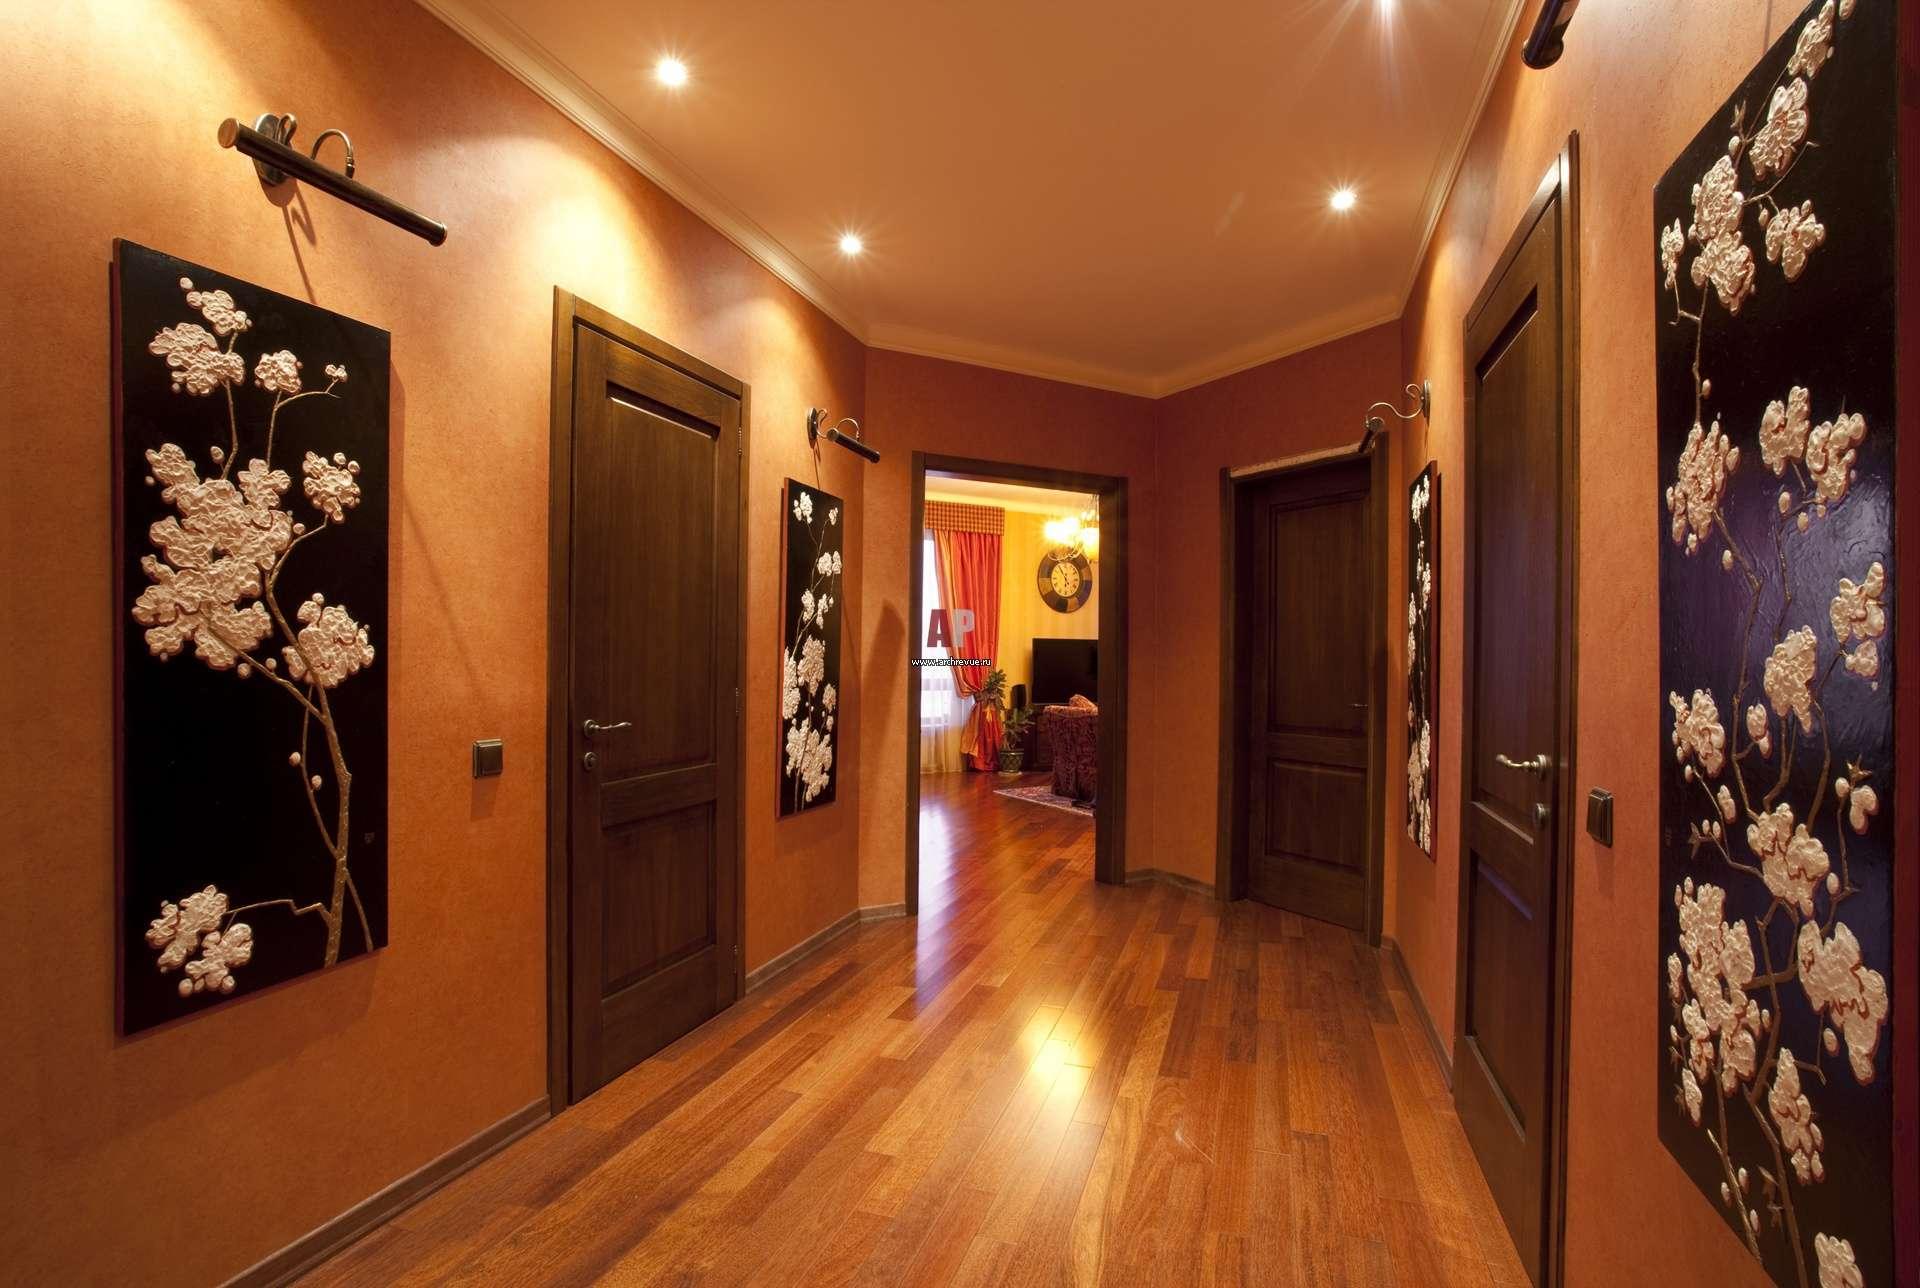 Обои для прихожей и коридора фото идеи для квартиры 2016